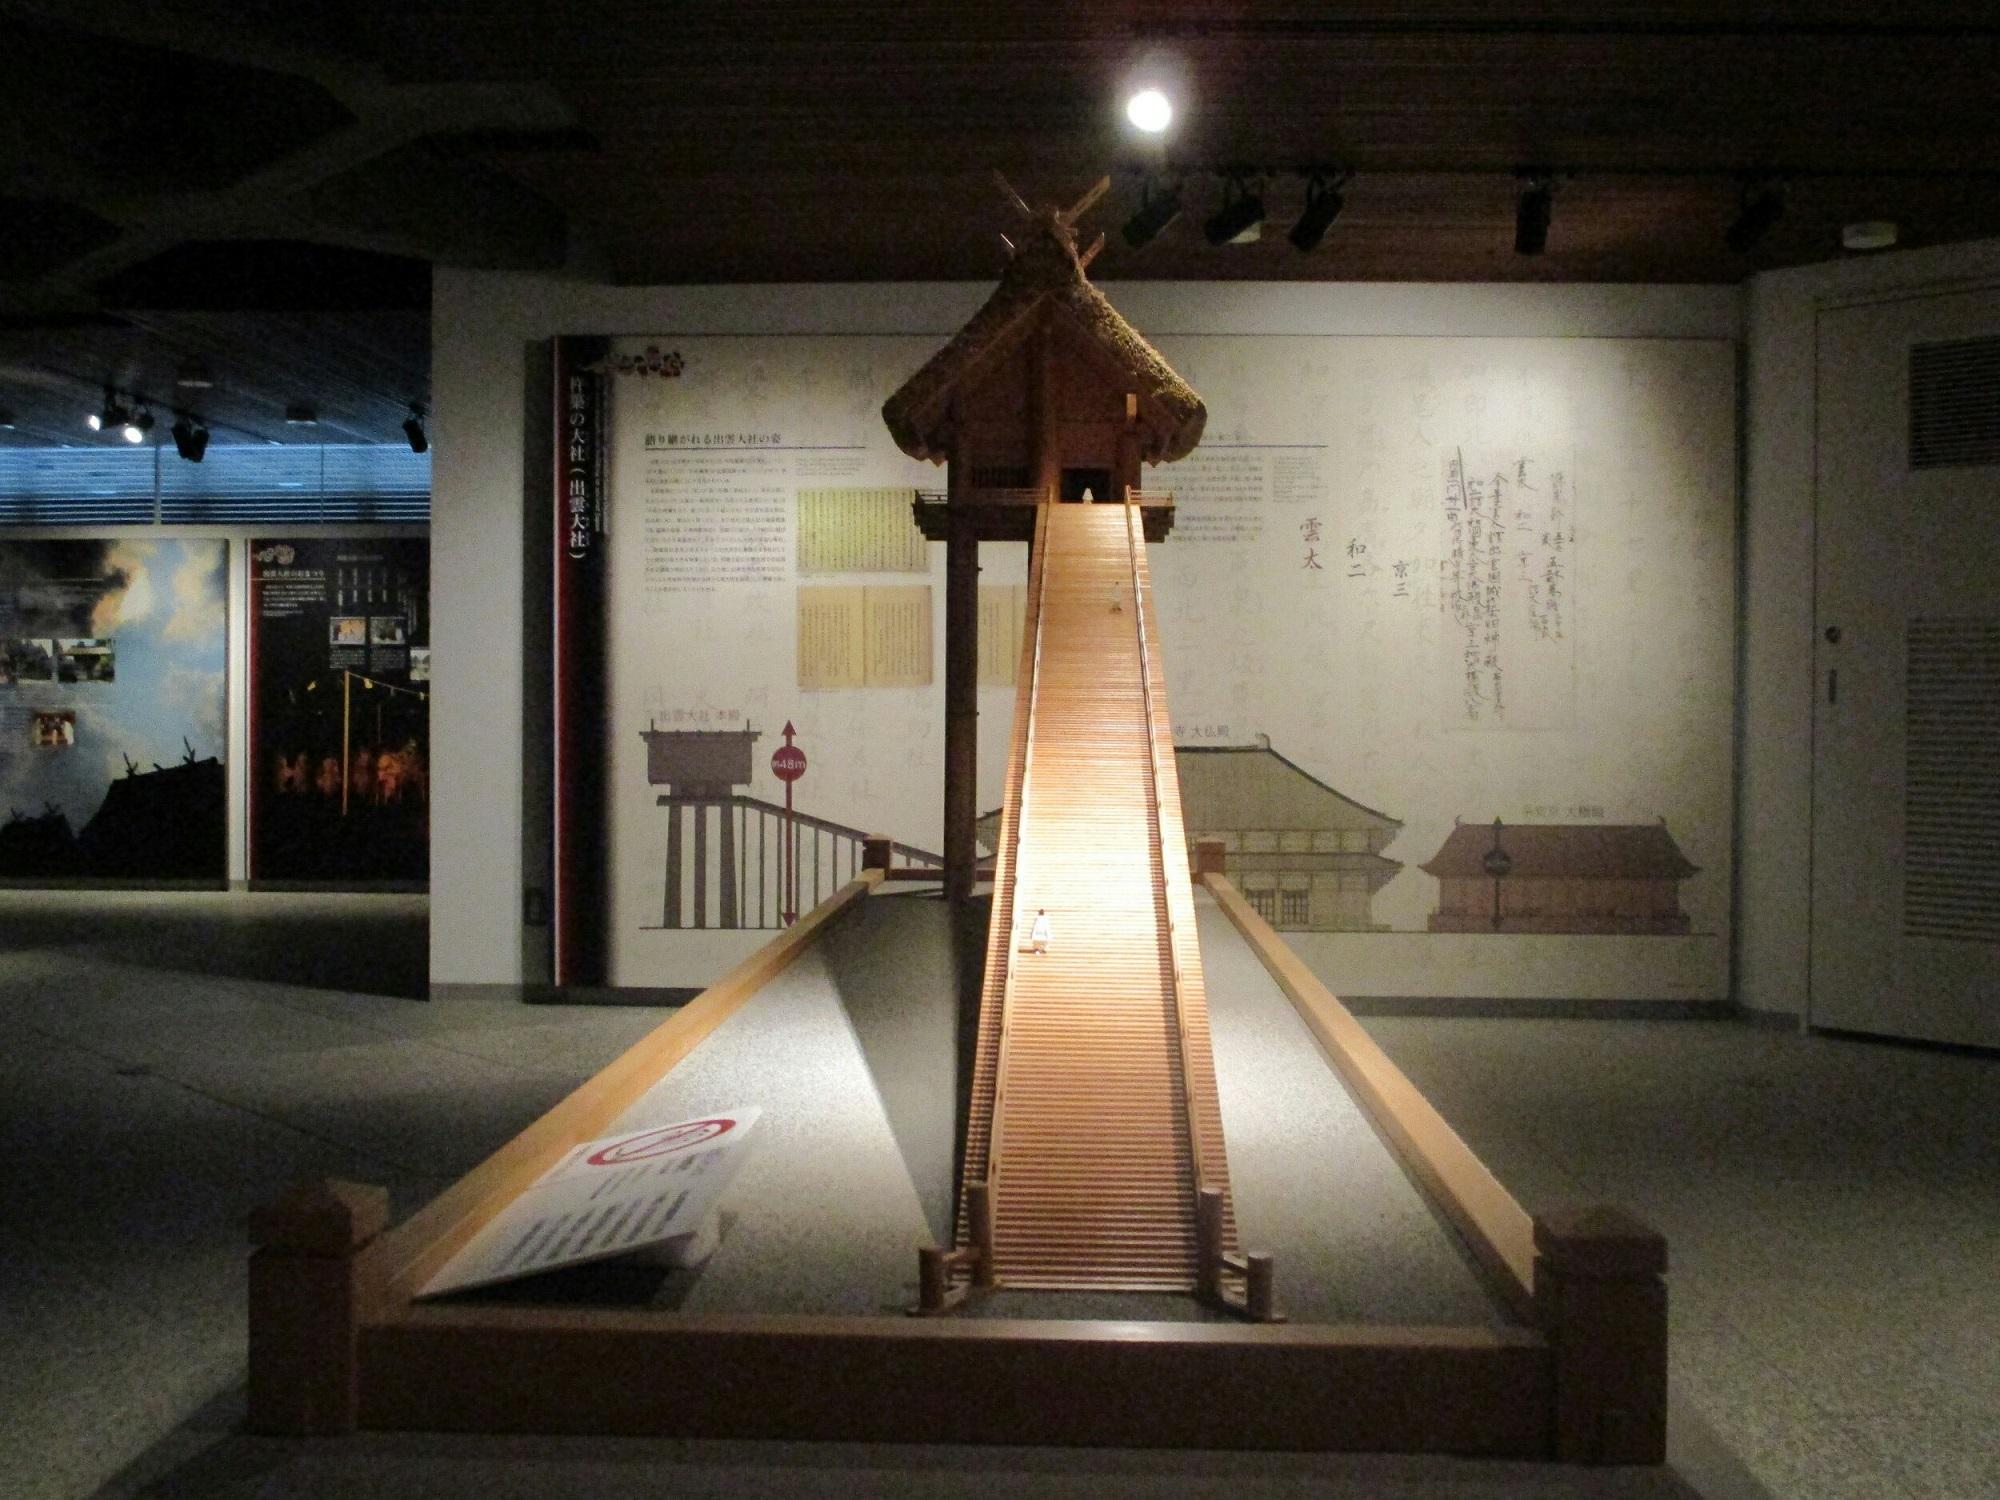 2018.7.6 (117) 出雲大社宝物殿 - 本殿の模型 2000-1500